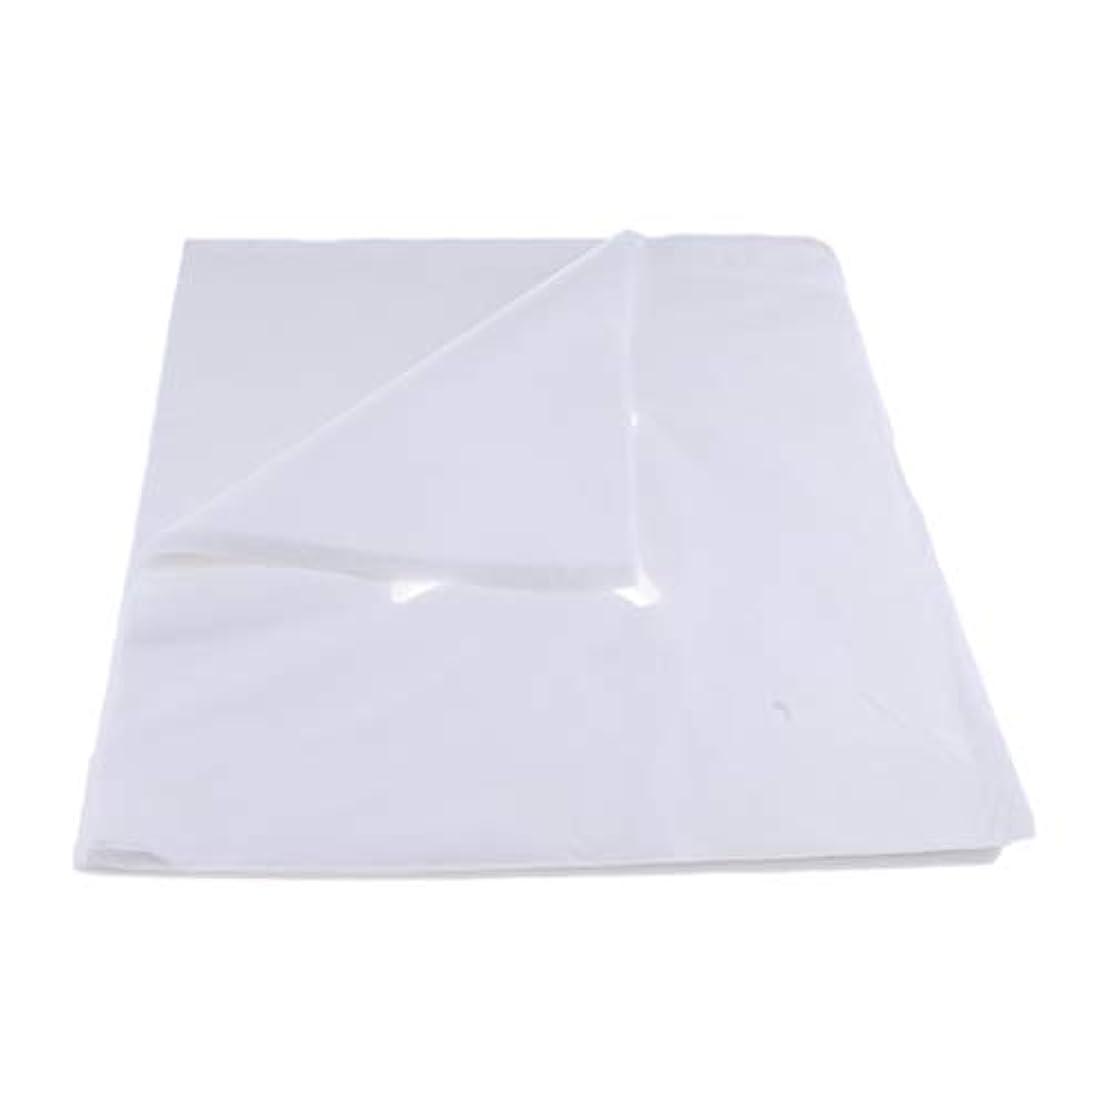 枯渇敬な拒絶する200ピース不織布使い捨てマッサージベッドフェイスクレードルクッションシートカバー - L